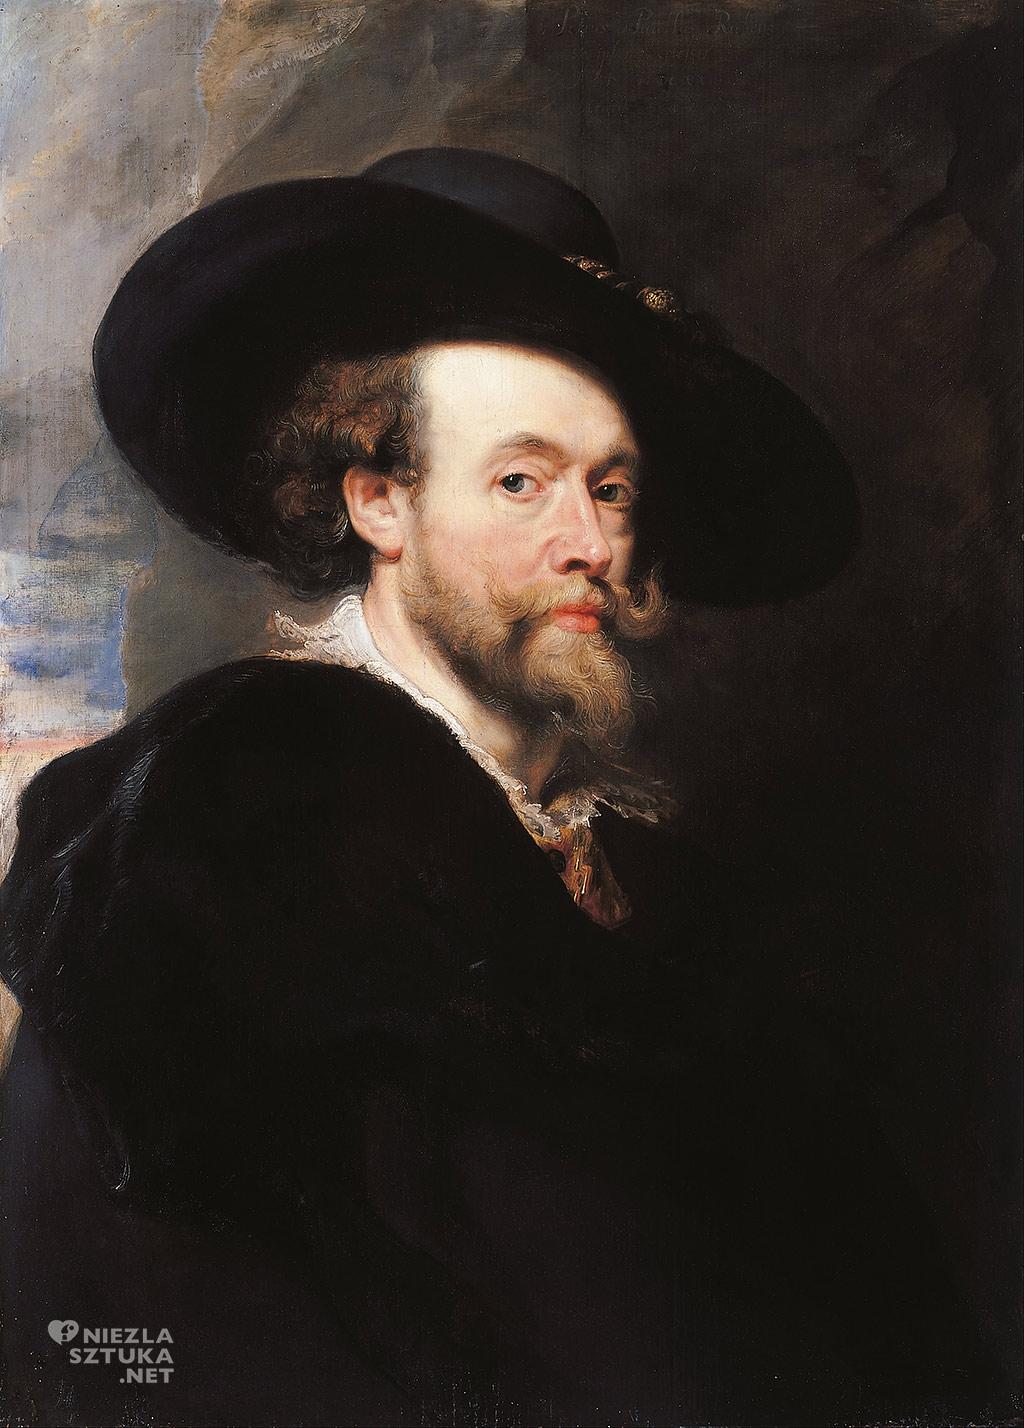 Peter Paul Rubens, Autoportret, Australia, Niezła sztuka